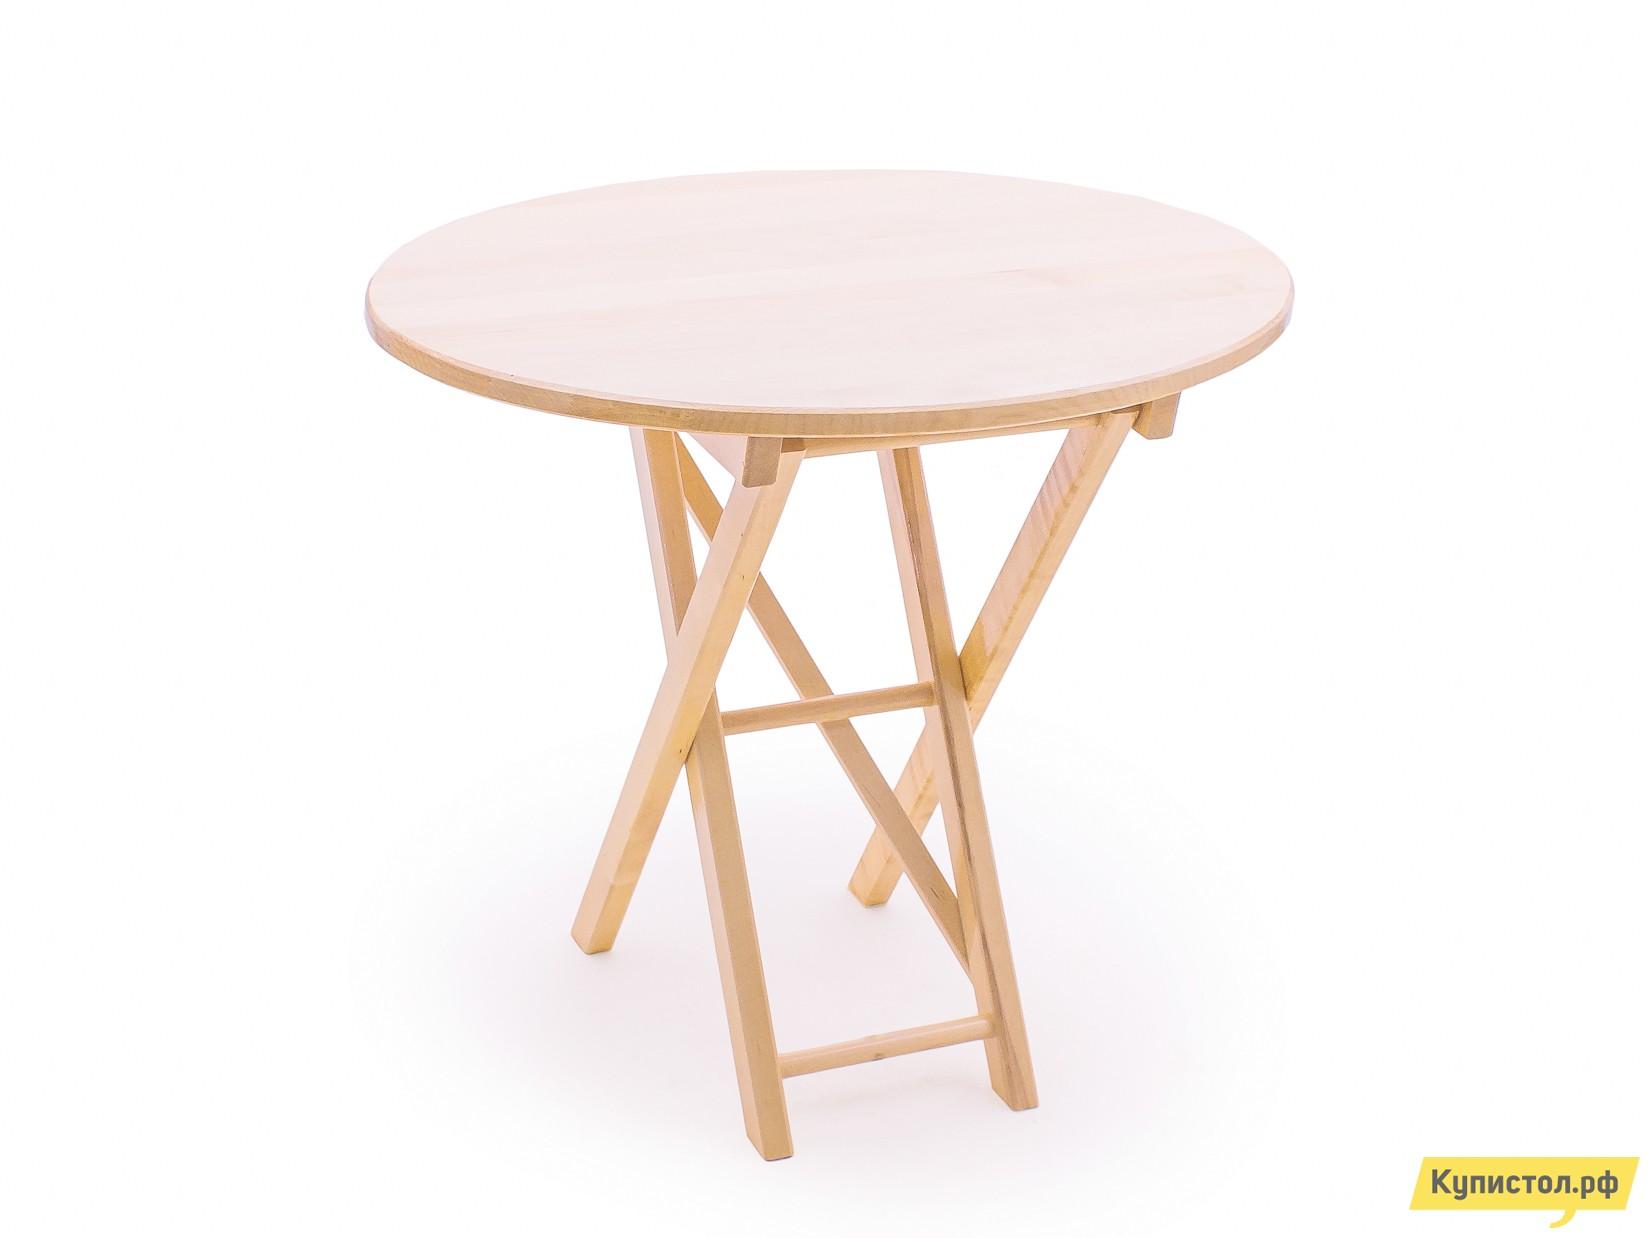 Садовый стол СМКА СМ049Б Береза